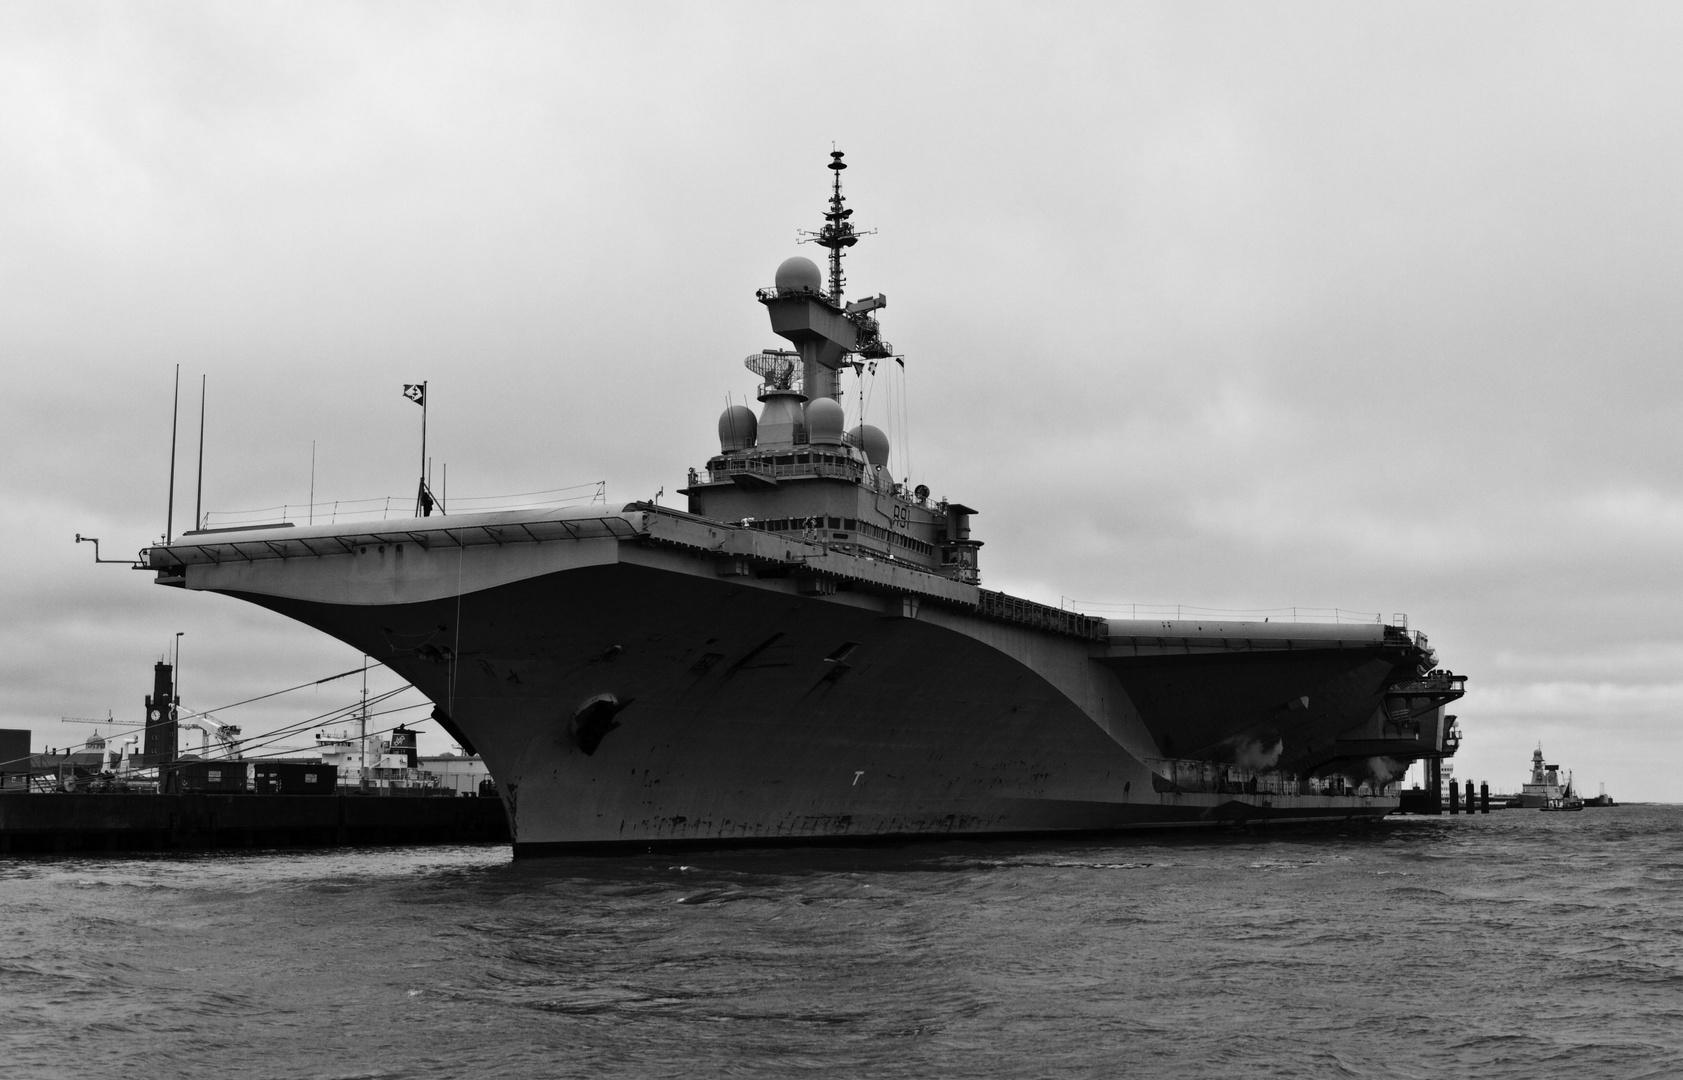 Flugzeugträger - Charles de Gaulle - Cuxhafen